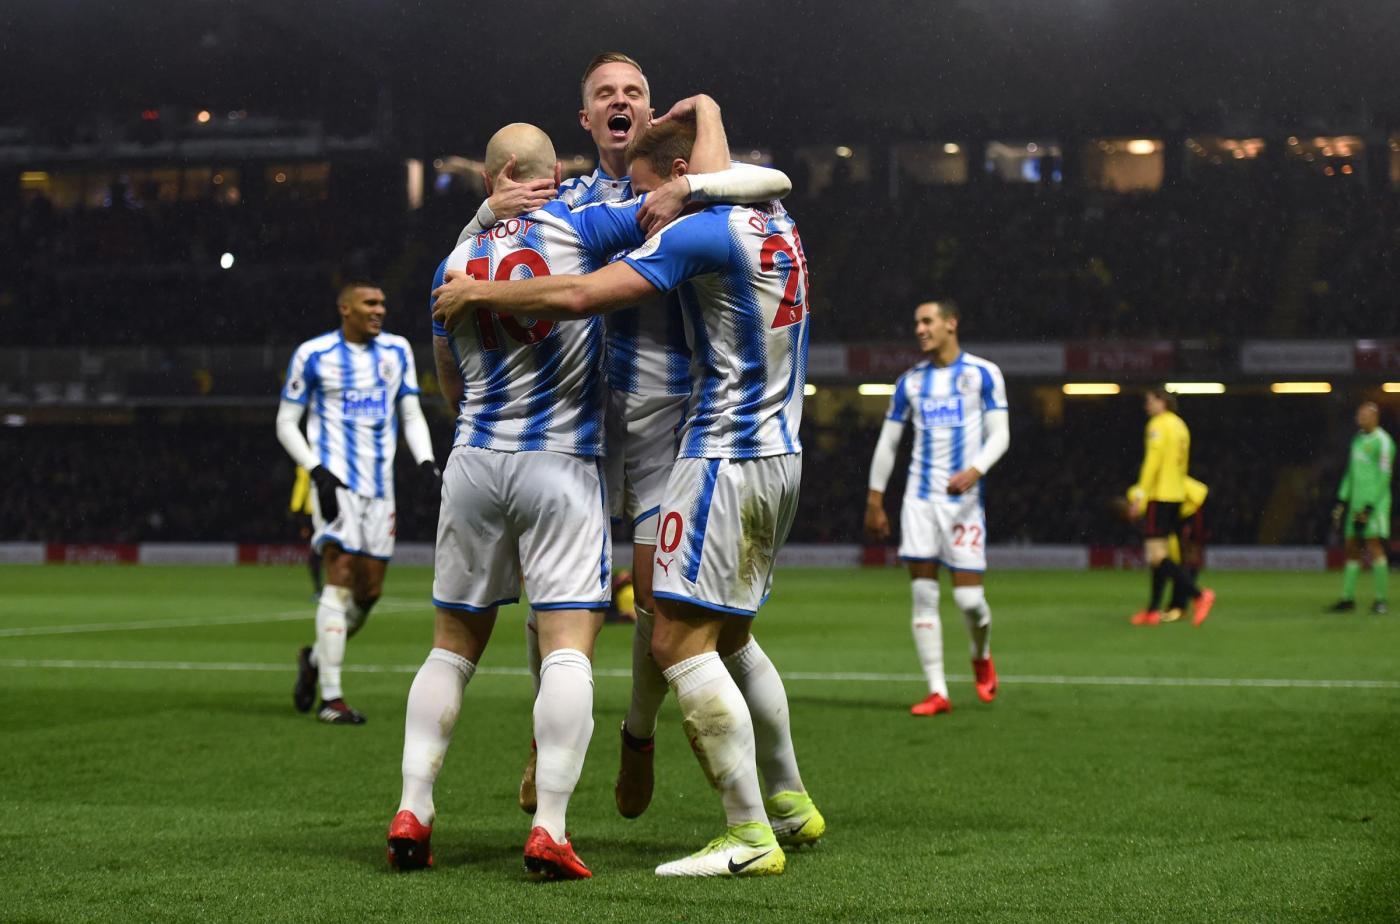 Premier League, Huddersfield-Bournemouth 9 marzo: analisi e pronostico della giornata della massima divisione calcistica inglese